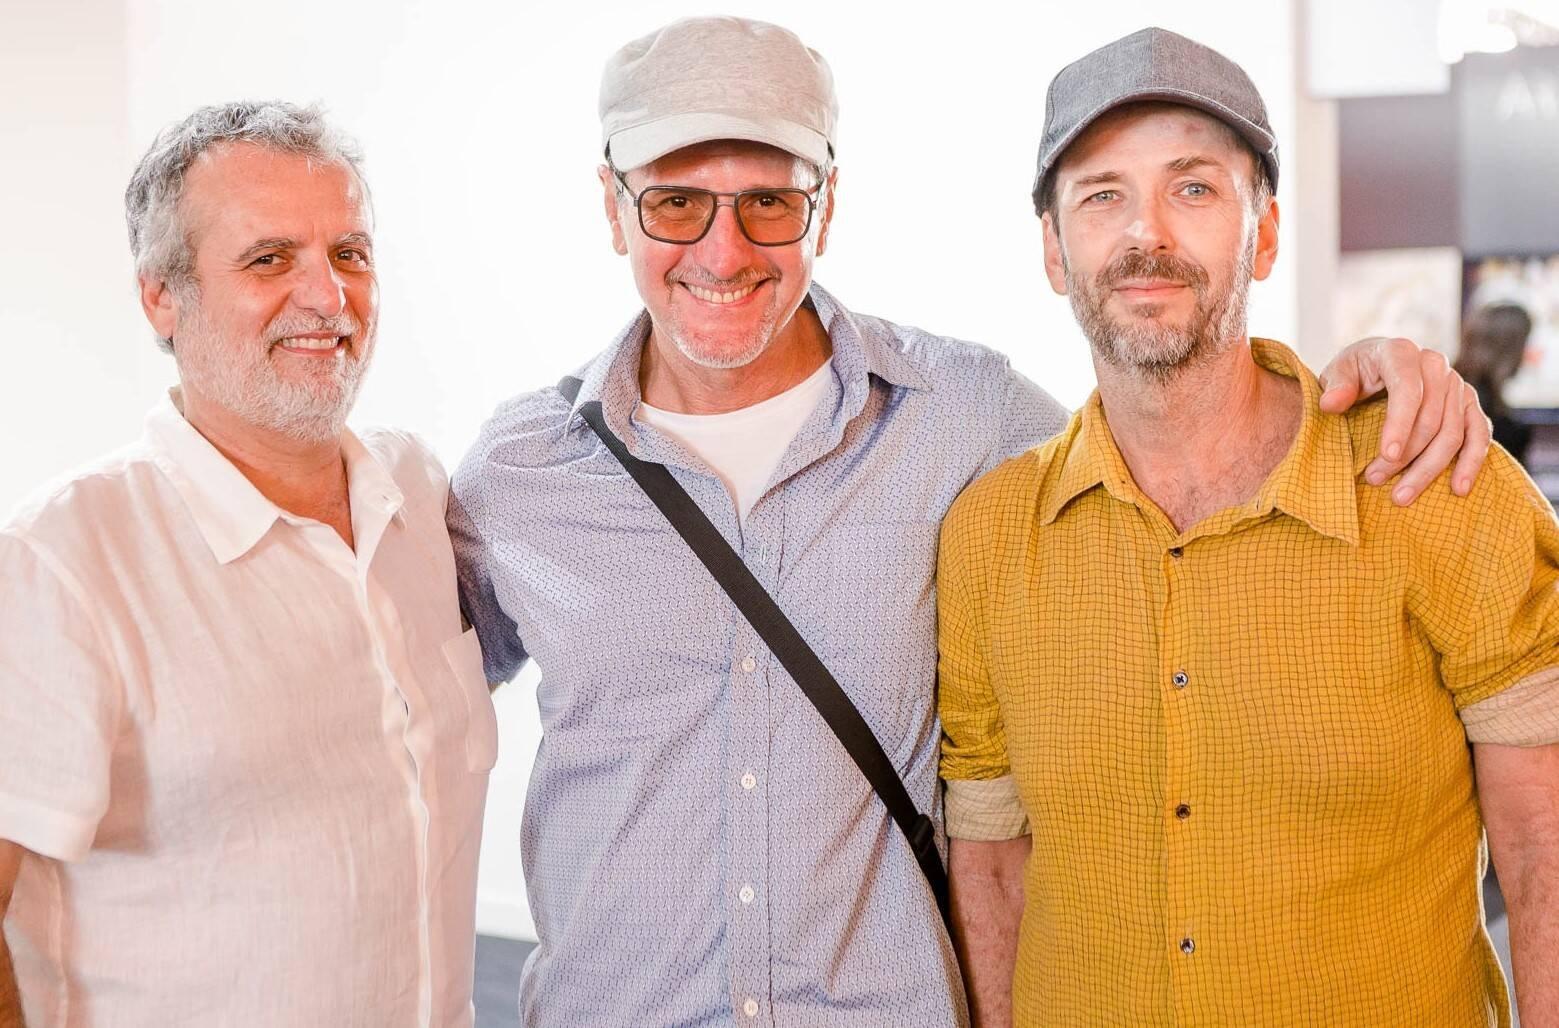 Pedro Buarque, Marcus Wagner e Nuno Bock /Foto: Bruno Ryfer, Miguel Sá e Túlio Thomé